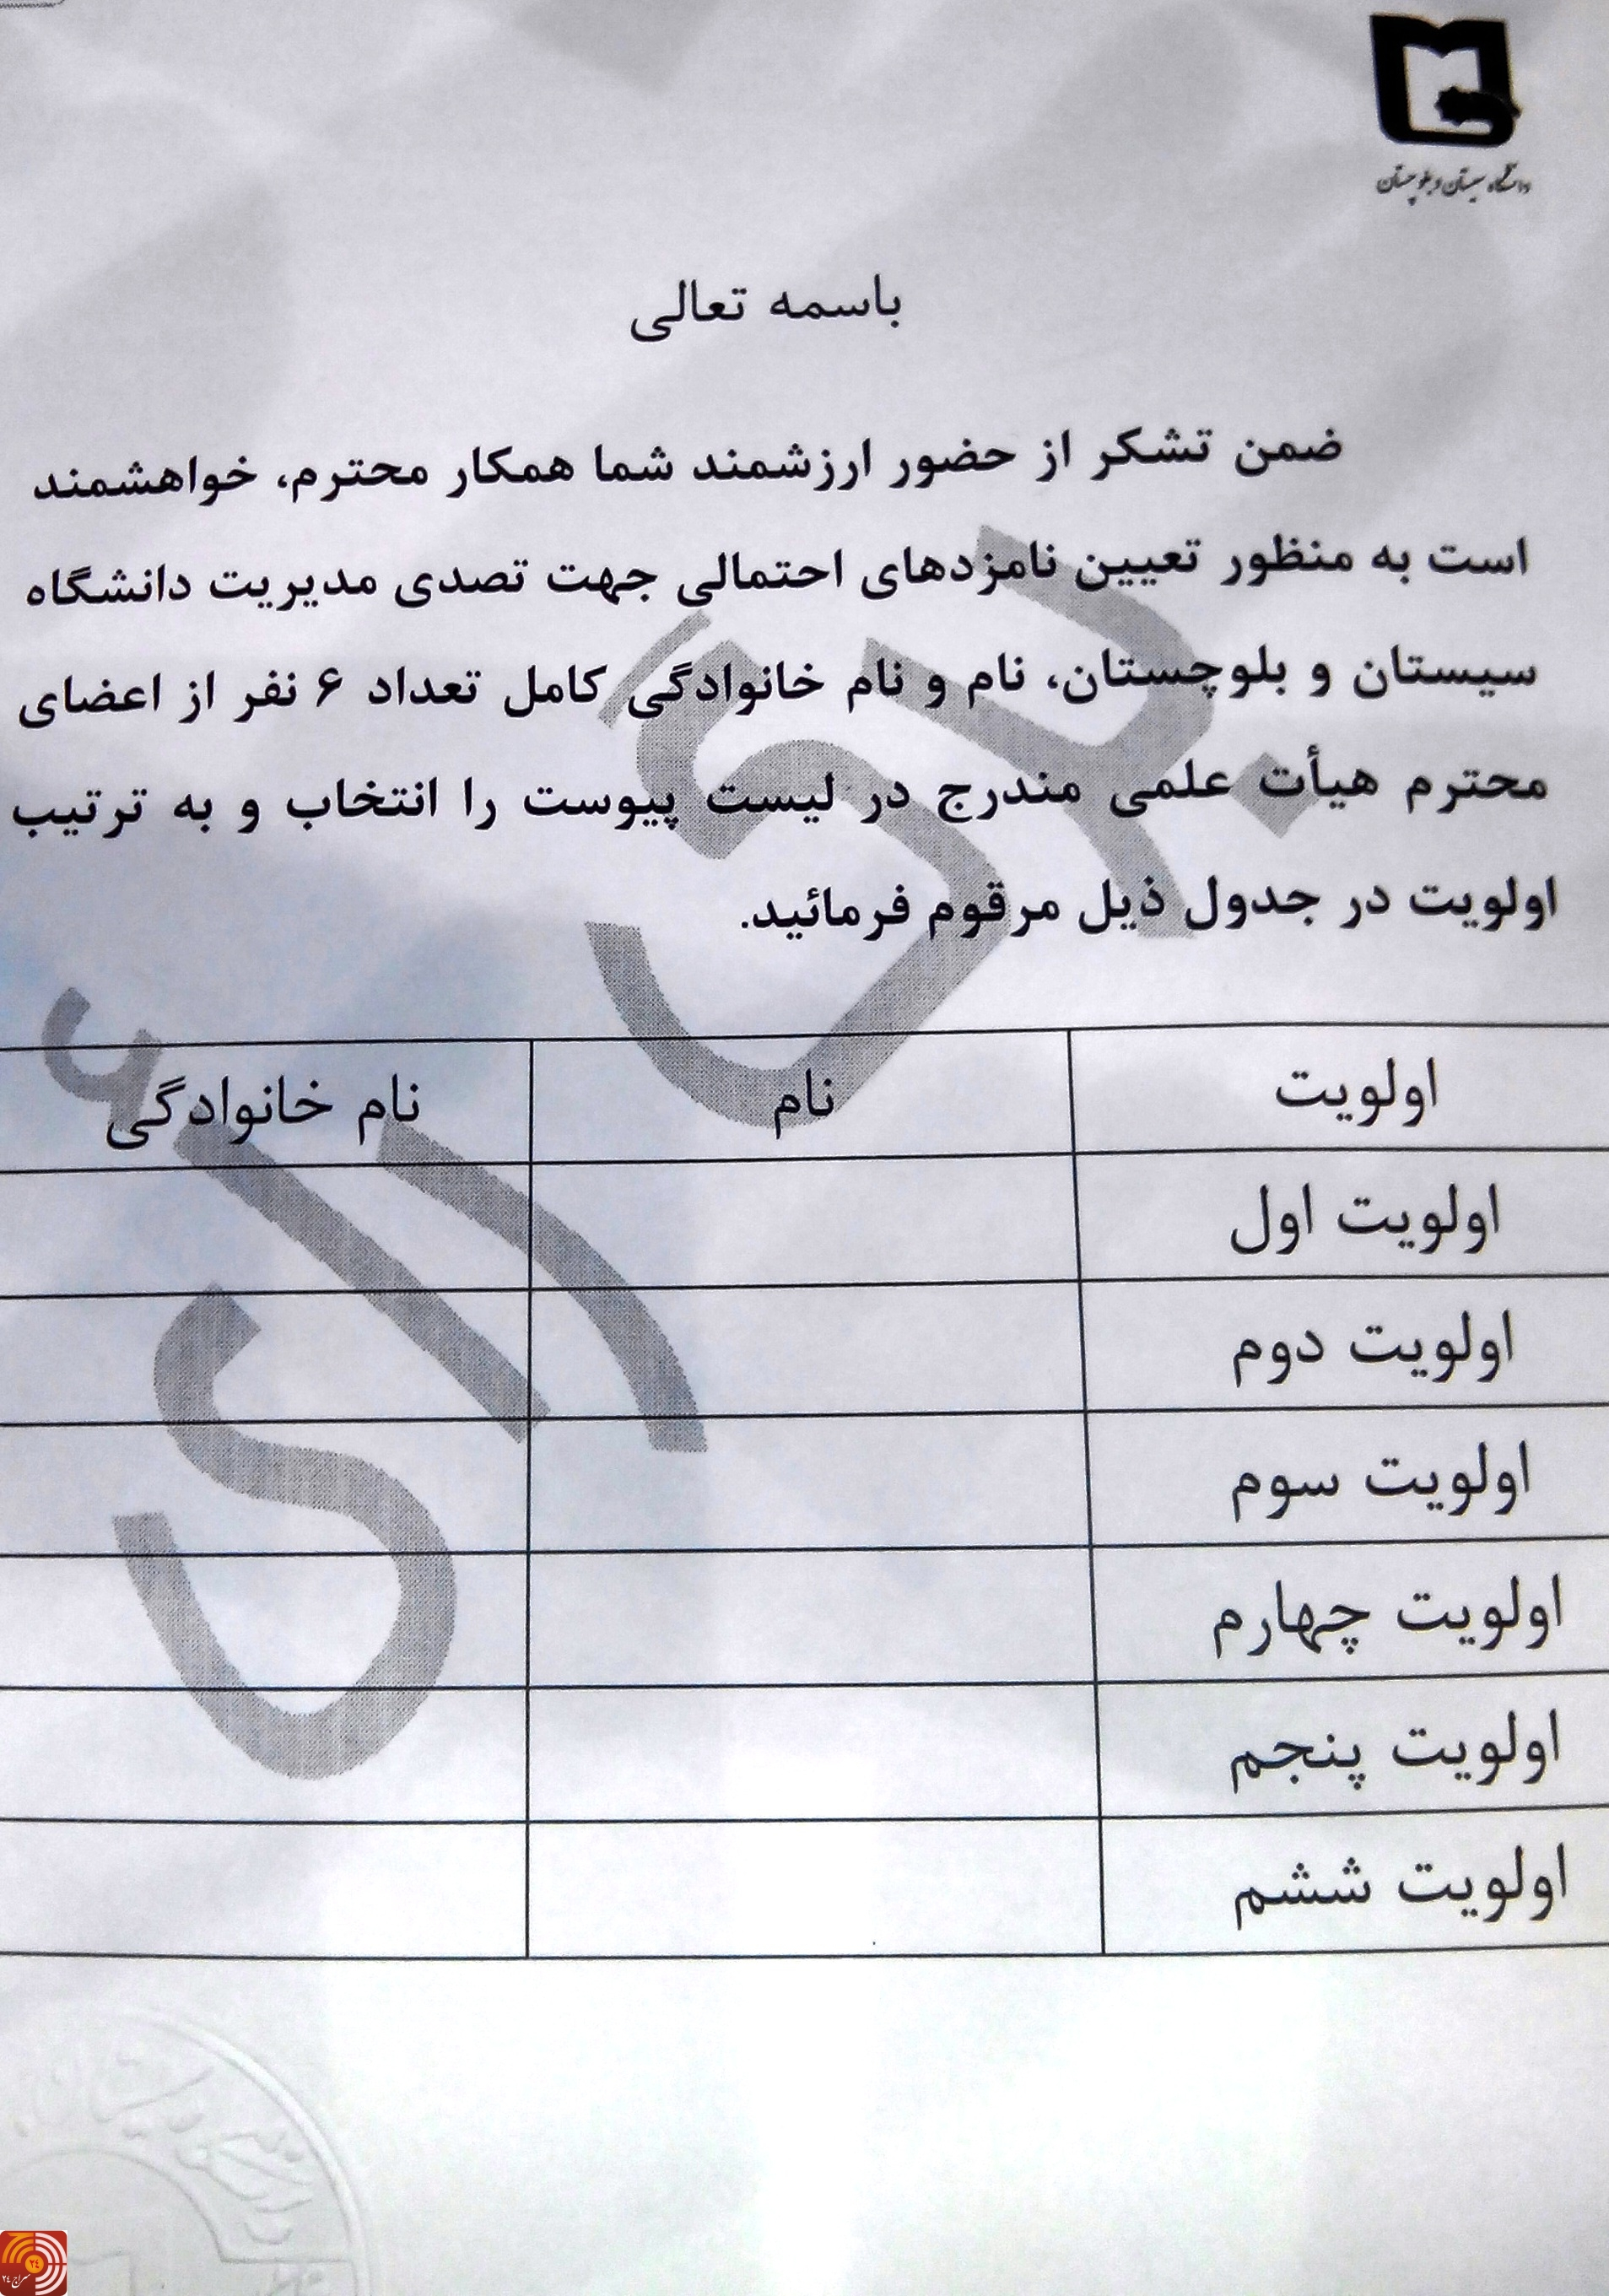 برگه طراحی شده جهت اخذ رای توسط برگزارکنندگان انتخابات